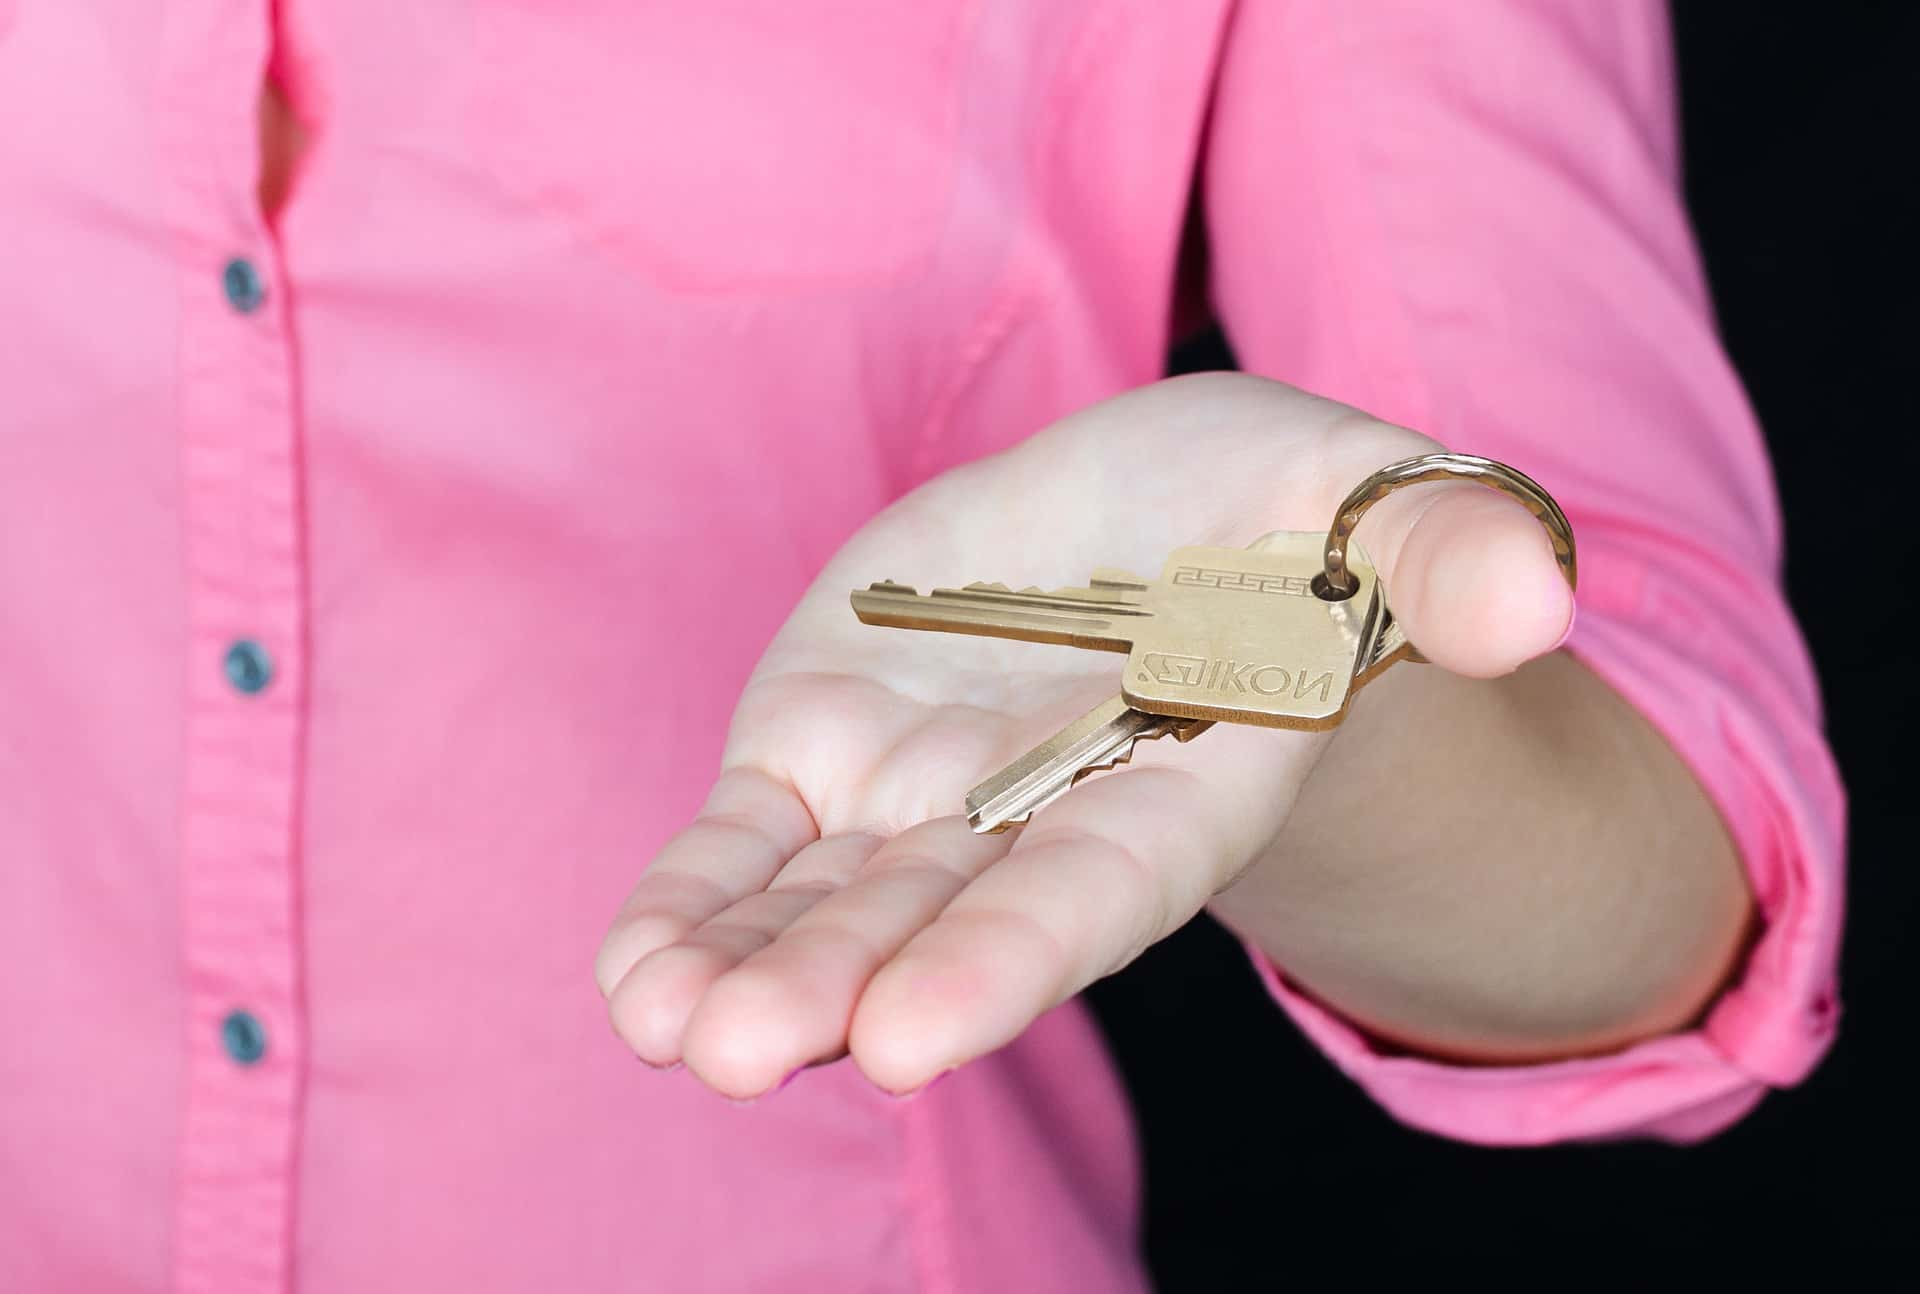 Какую квартиру нельзя покупать, даже если делают огромную скидку Советы,Дача,Дом,Квартира,Покупки,Ремонт,Строительство